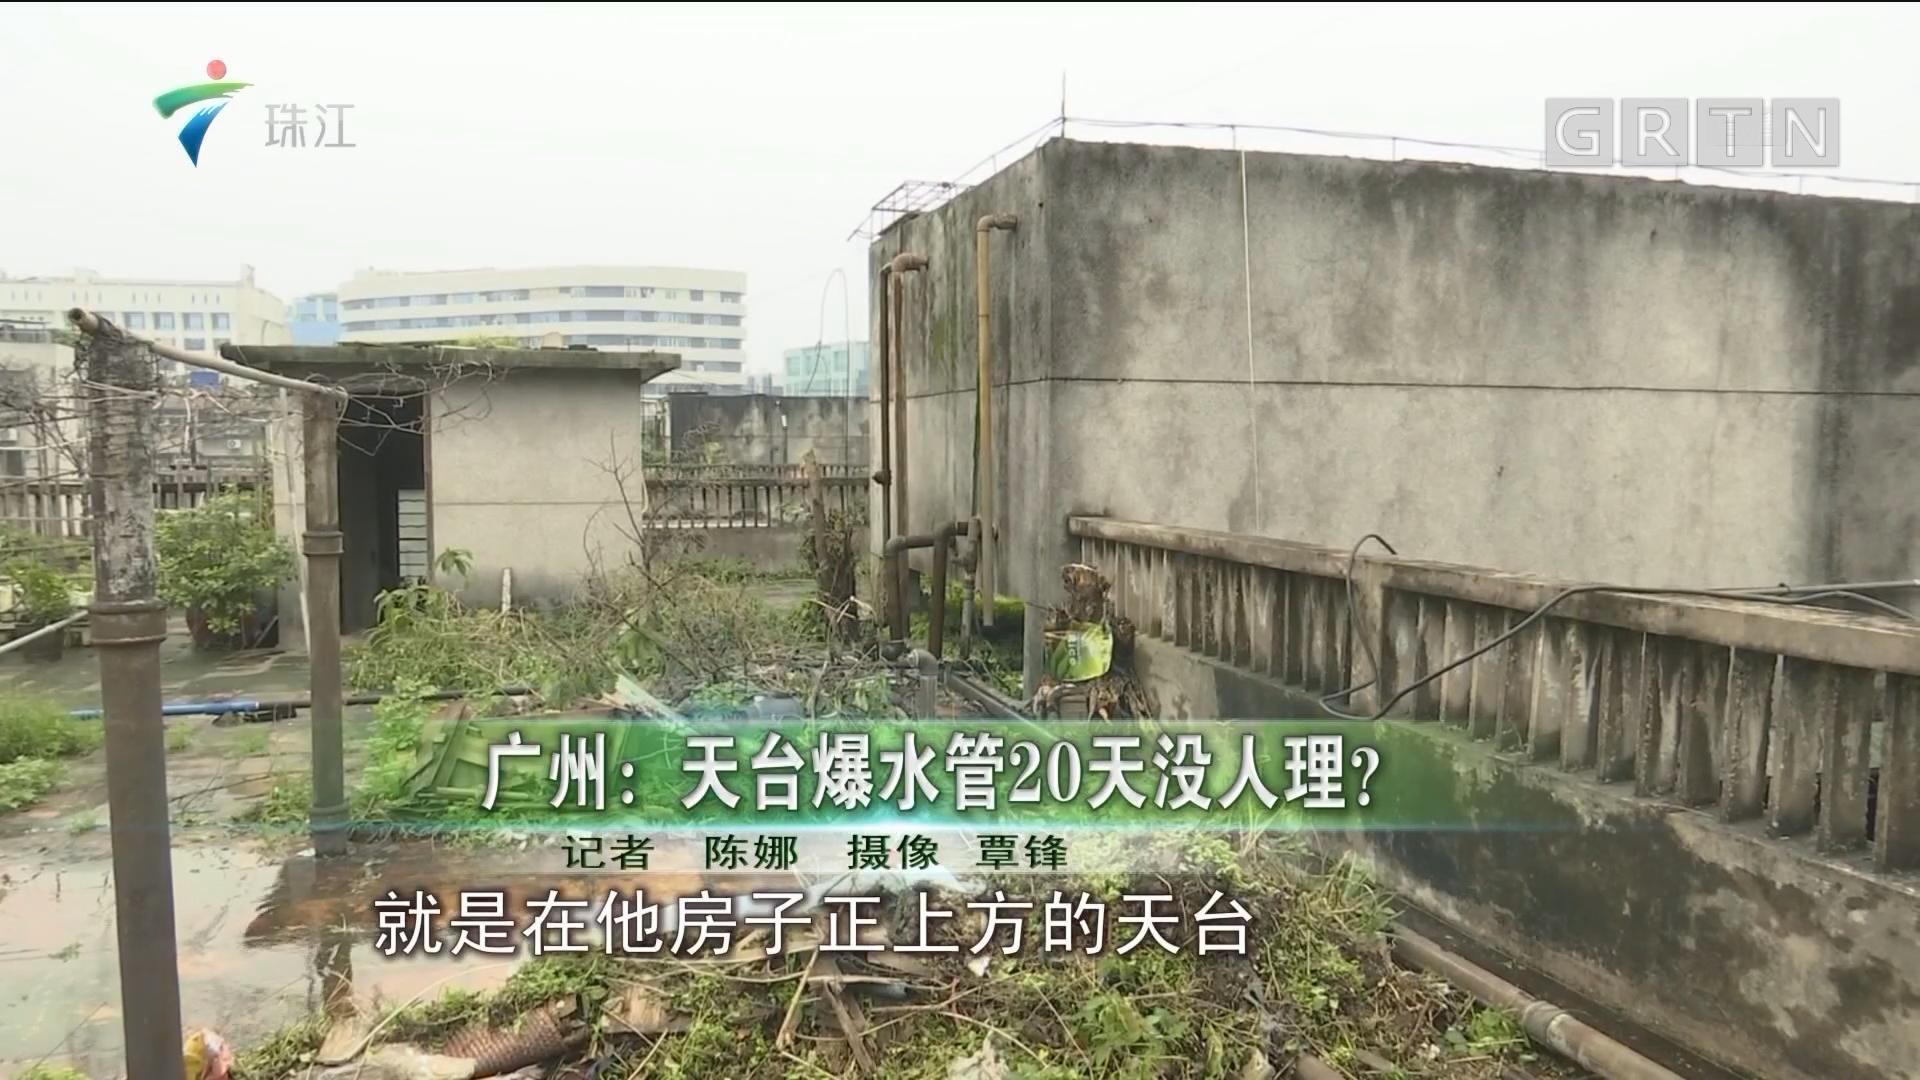 广州:天台爆水管20天没人理?